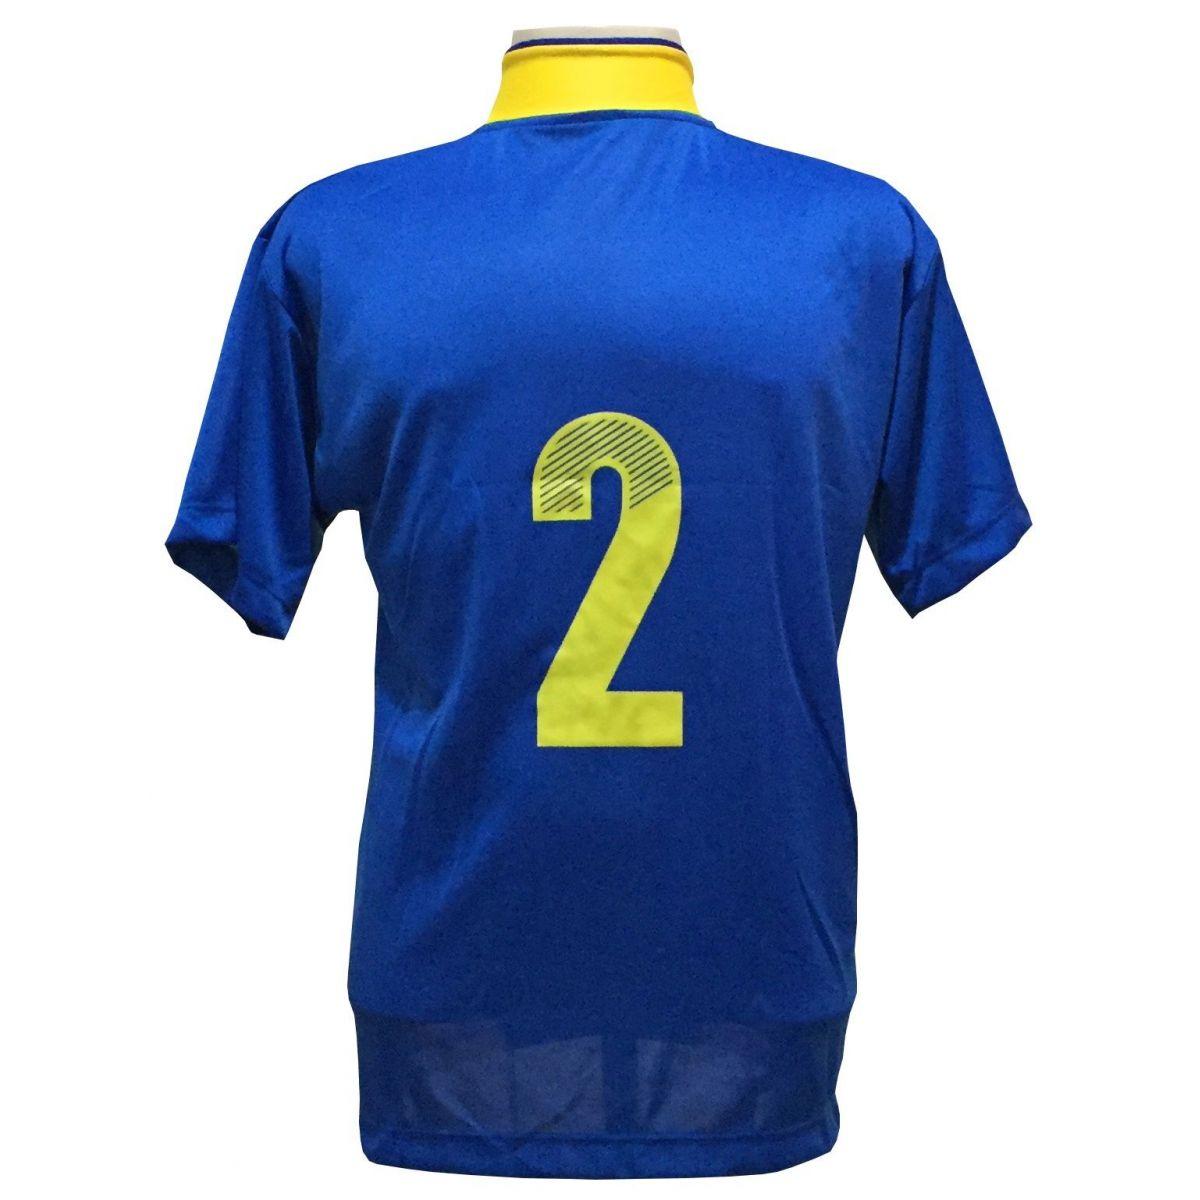 Uniforme Esportivo com 14 camisas modelo Suécia Royal/Amarelo + 14 calções modelo Madrid Amarelo + 14 pares de meiões Amarelo